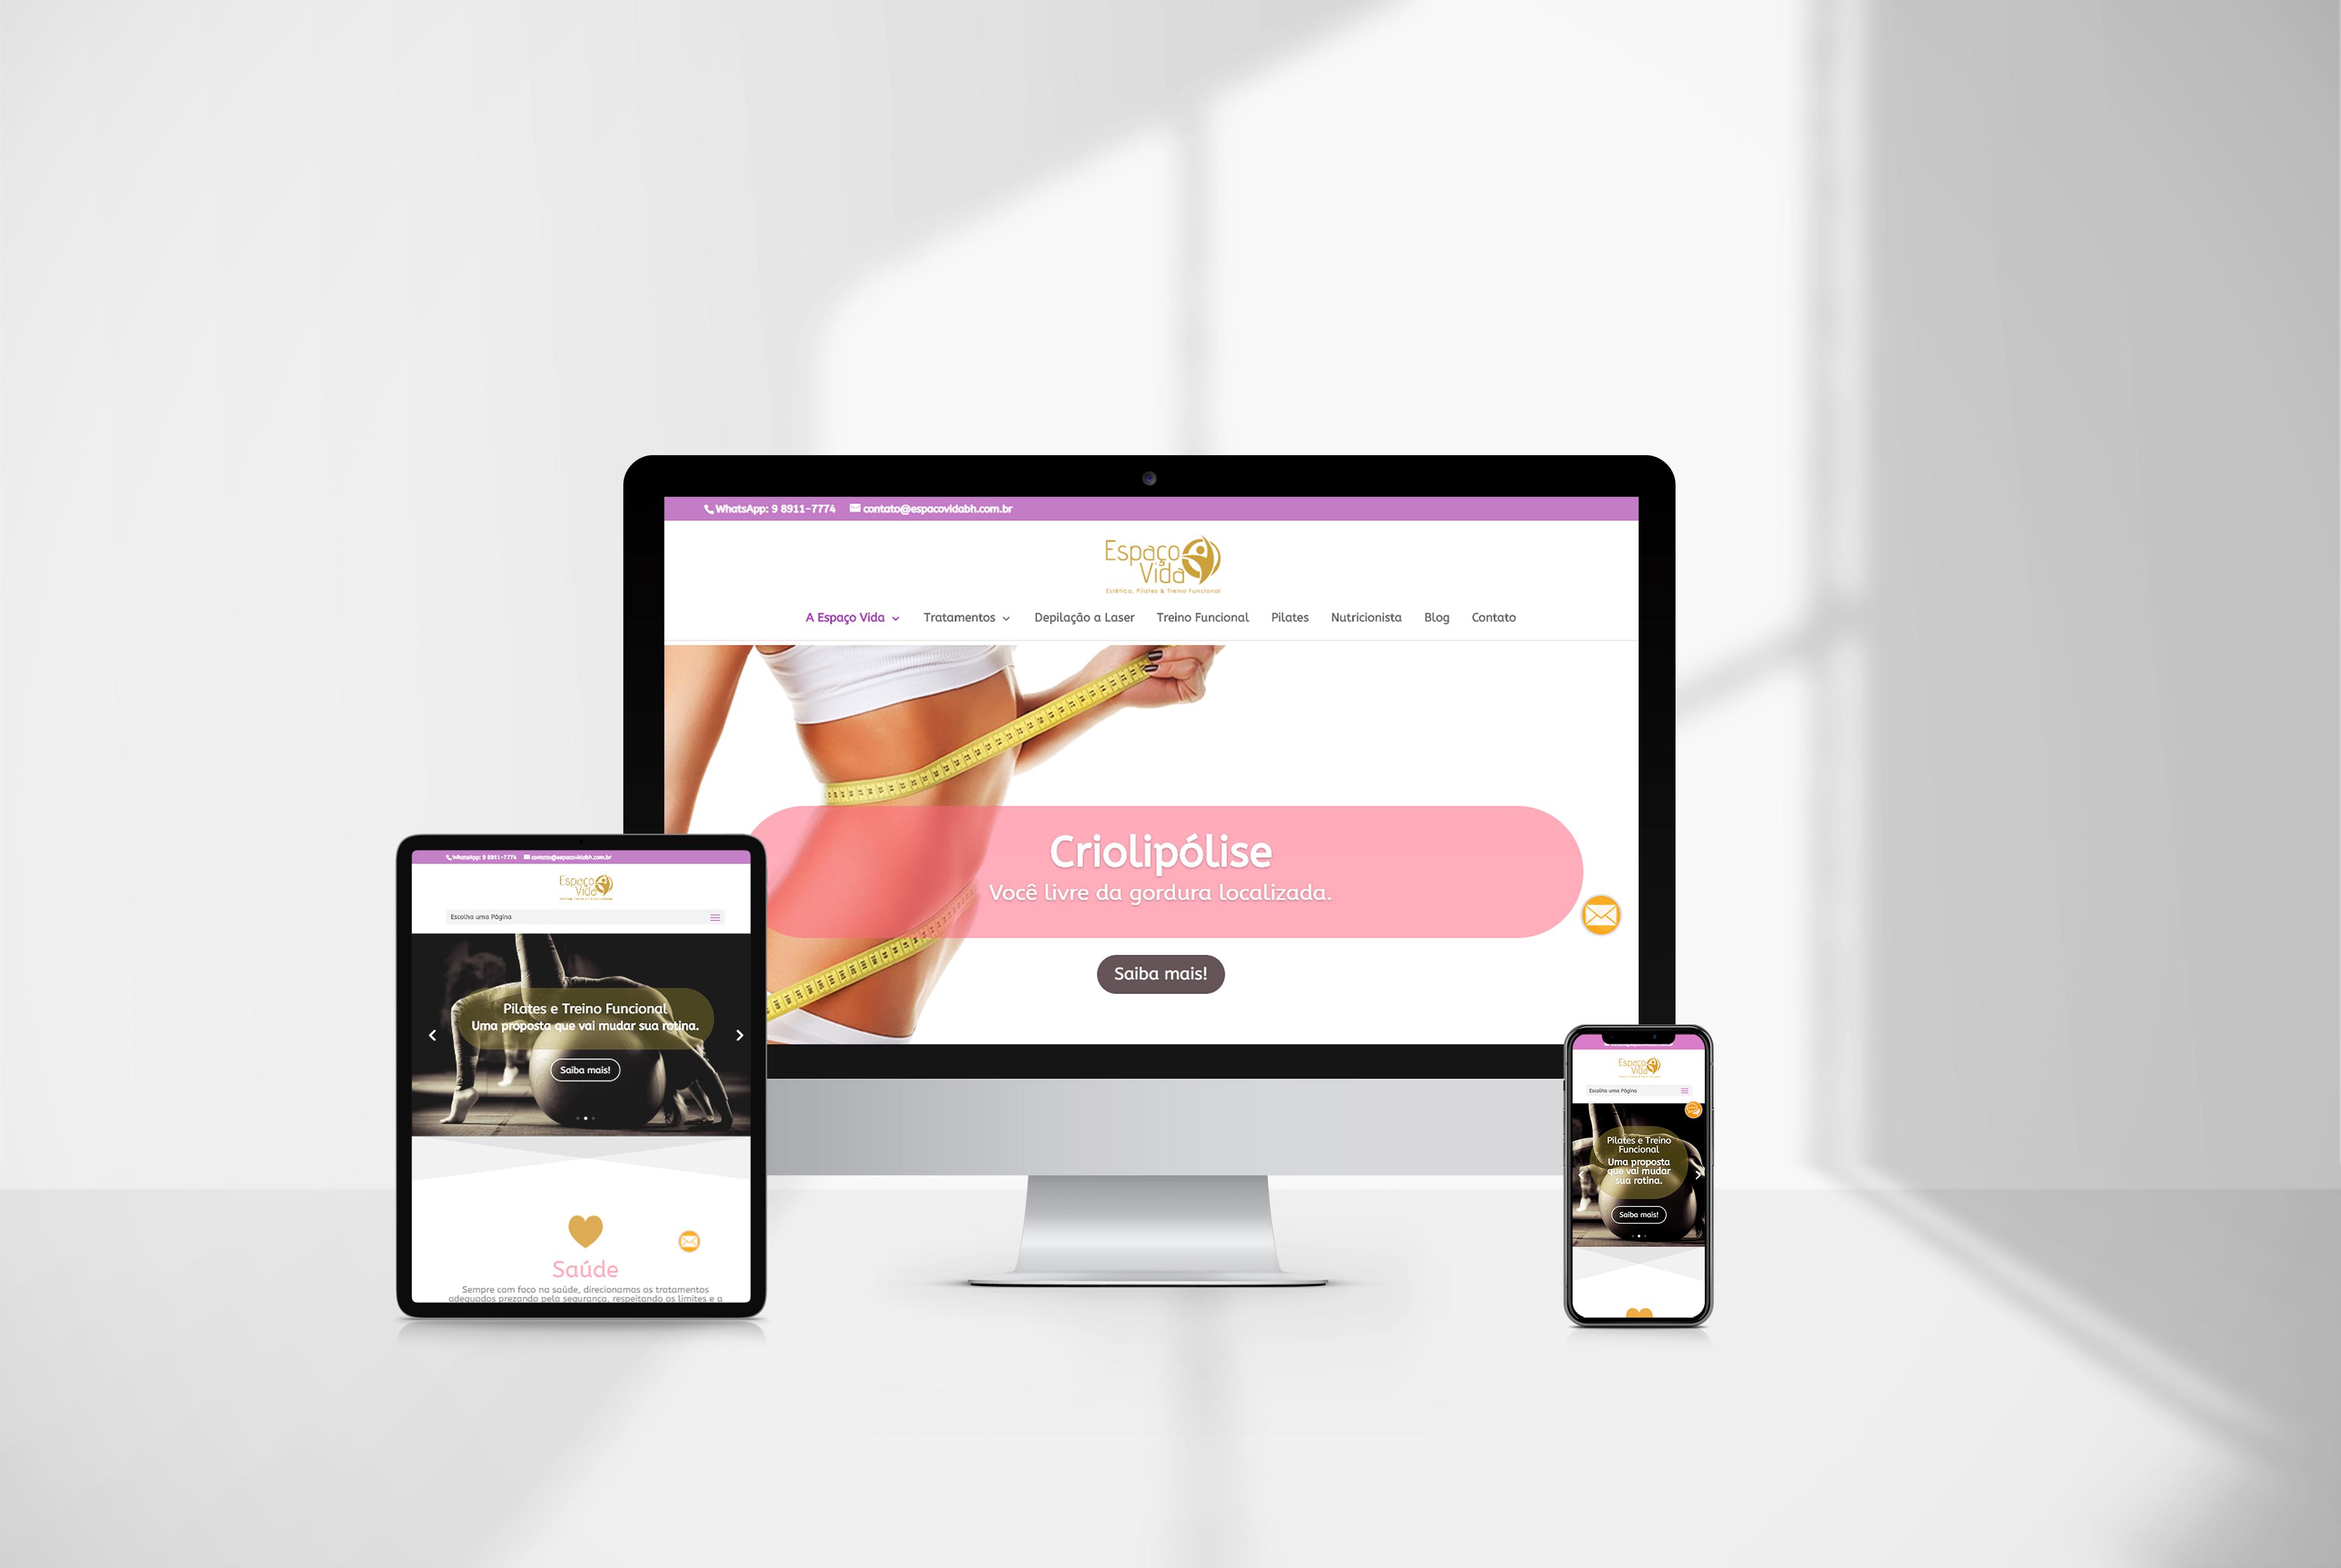 criacao de sites espaco vida - agencia de marketing digital casanova digital